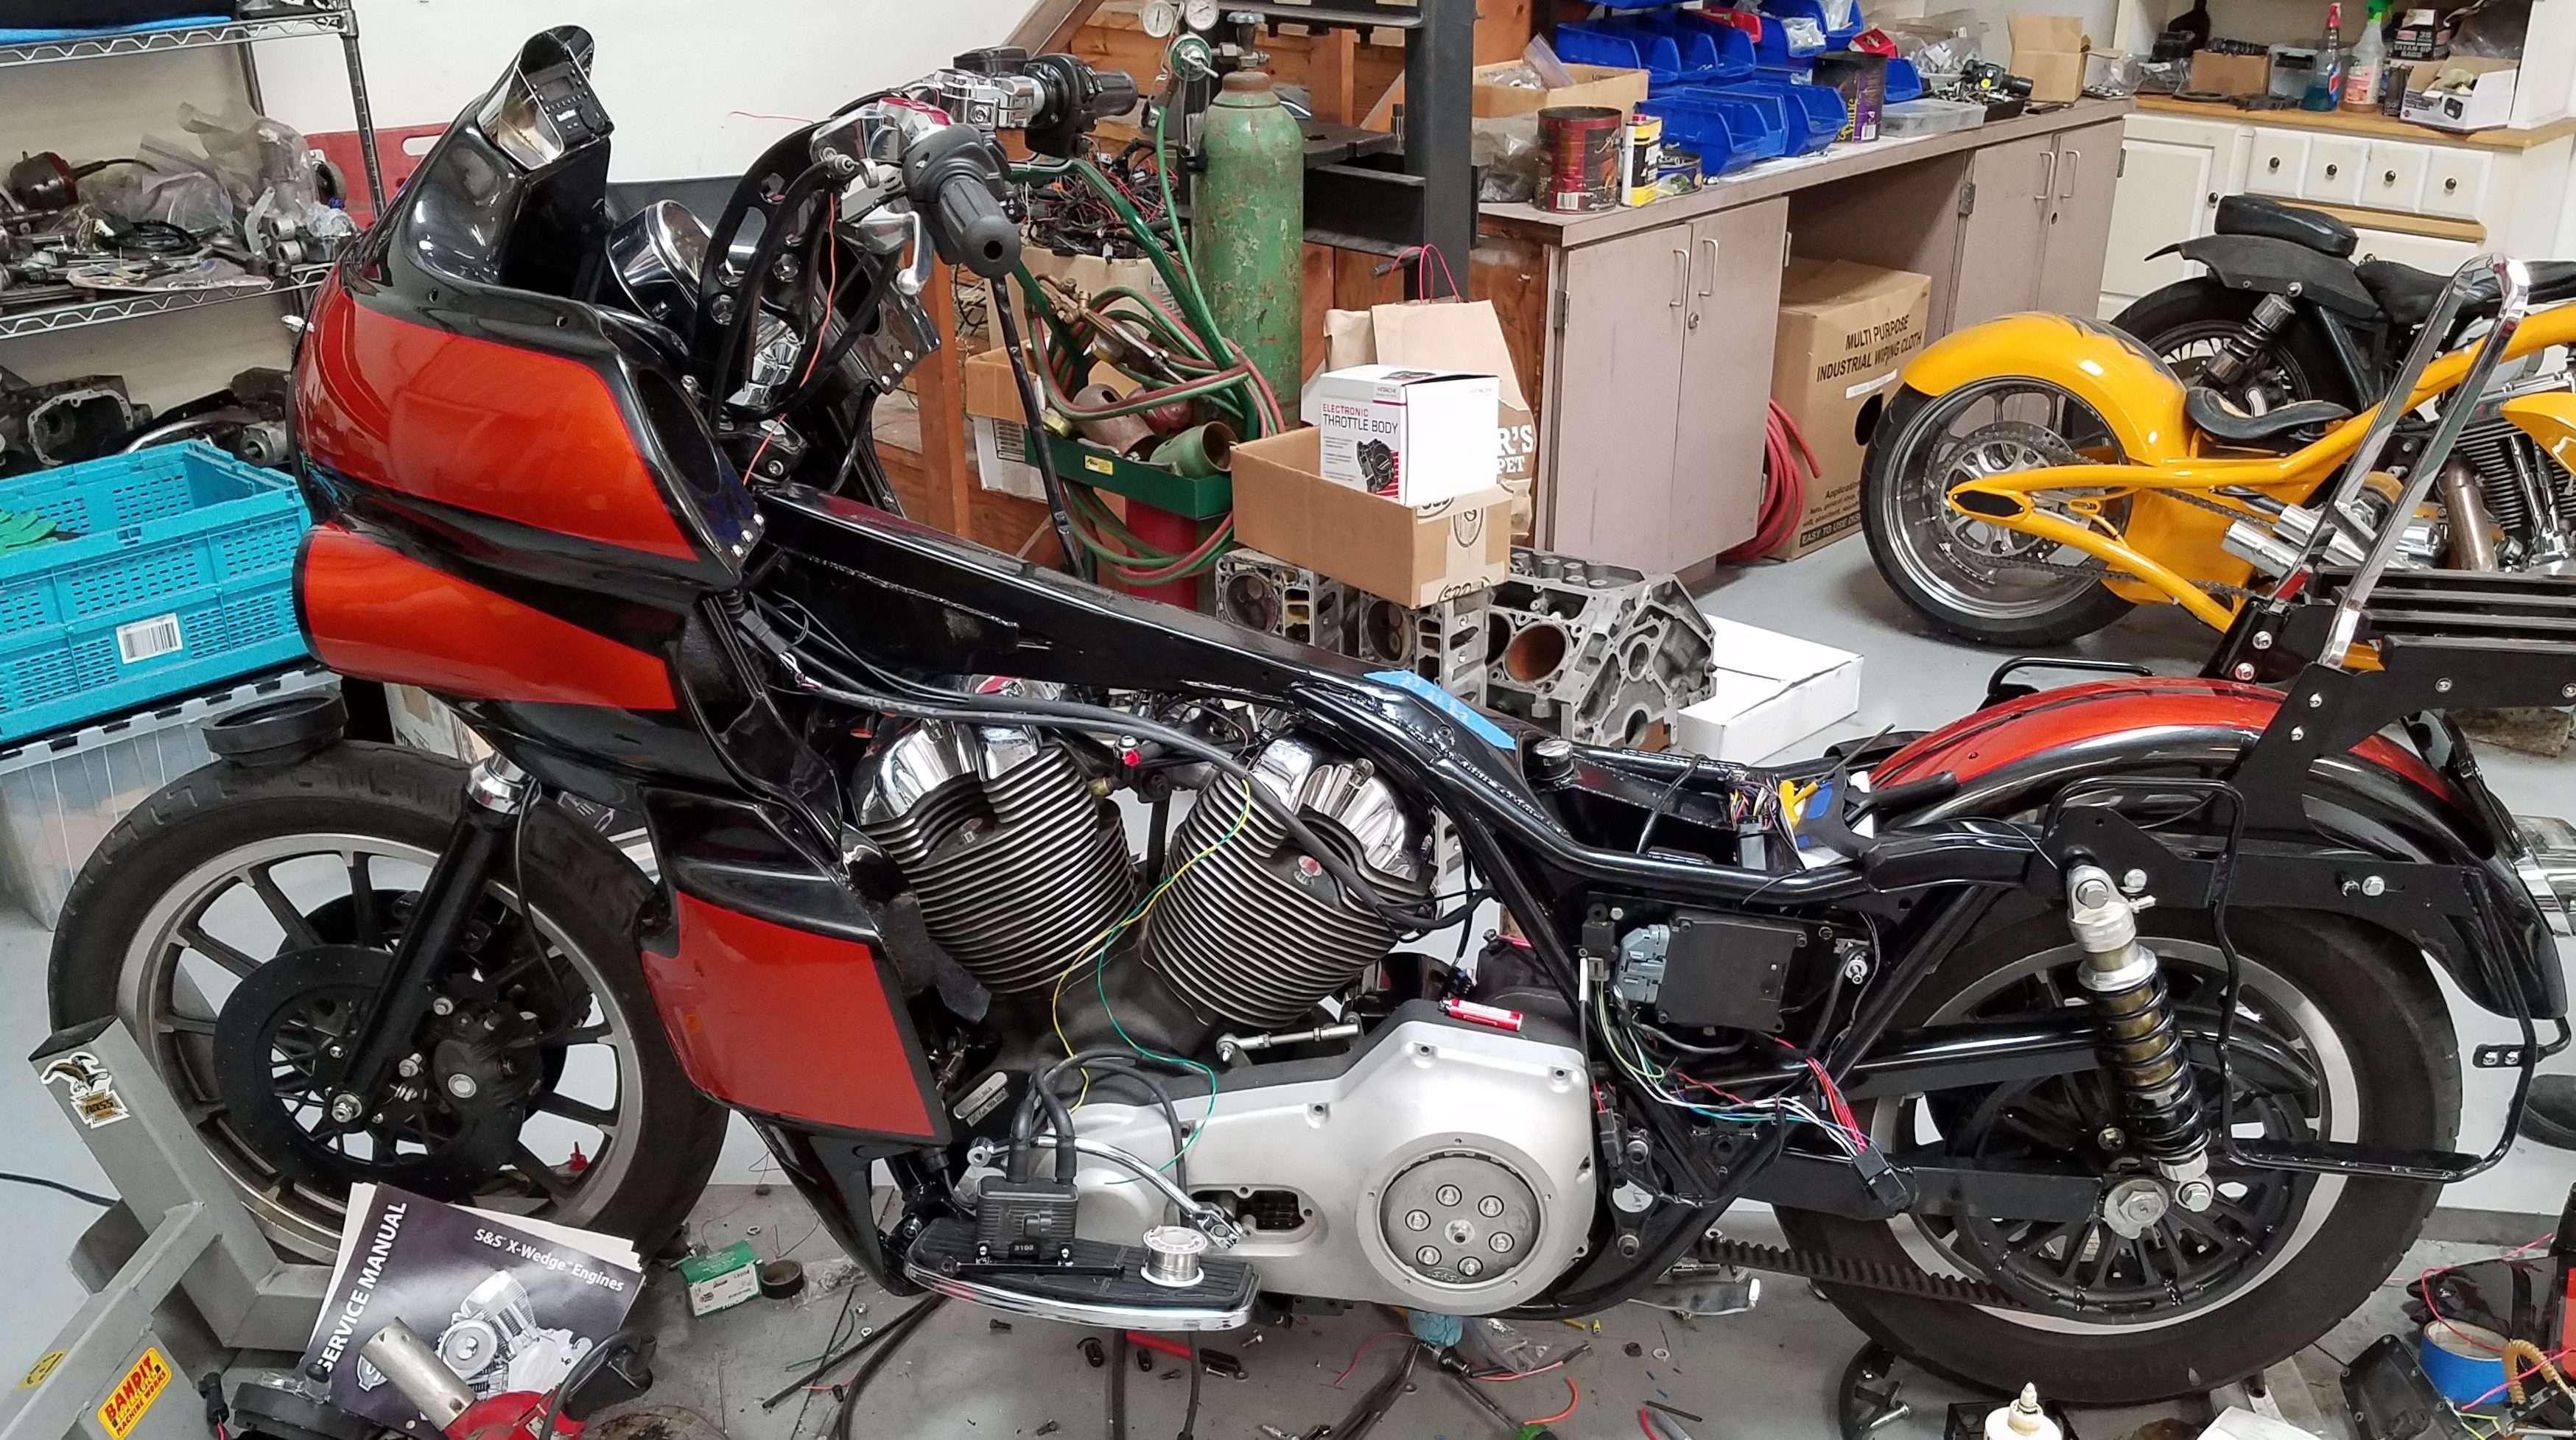 91 Harley Davidson FXR S & S X-Wedge Engine Installation